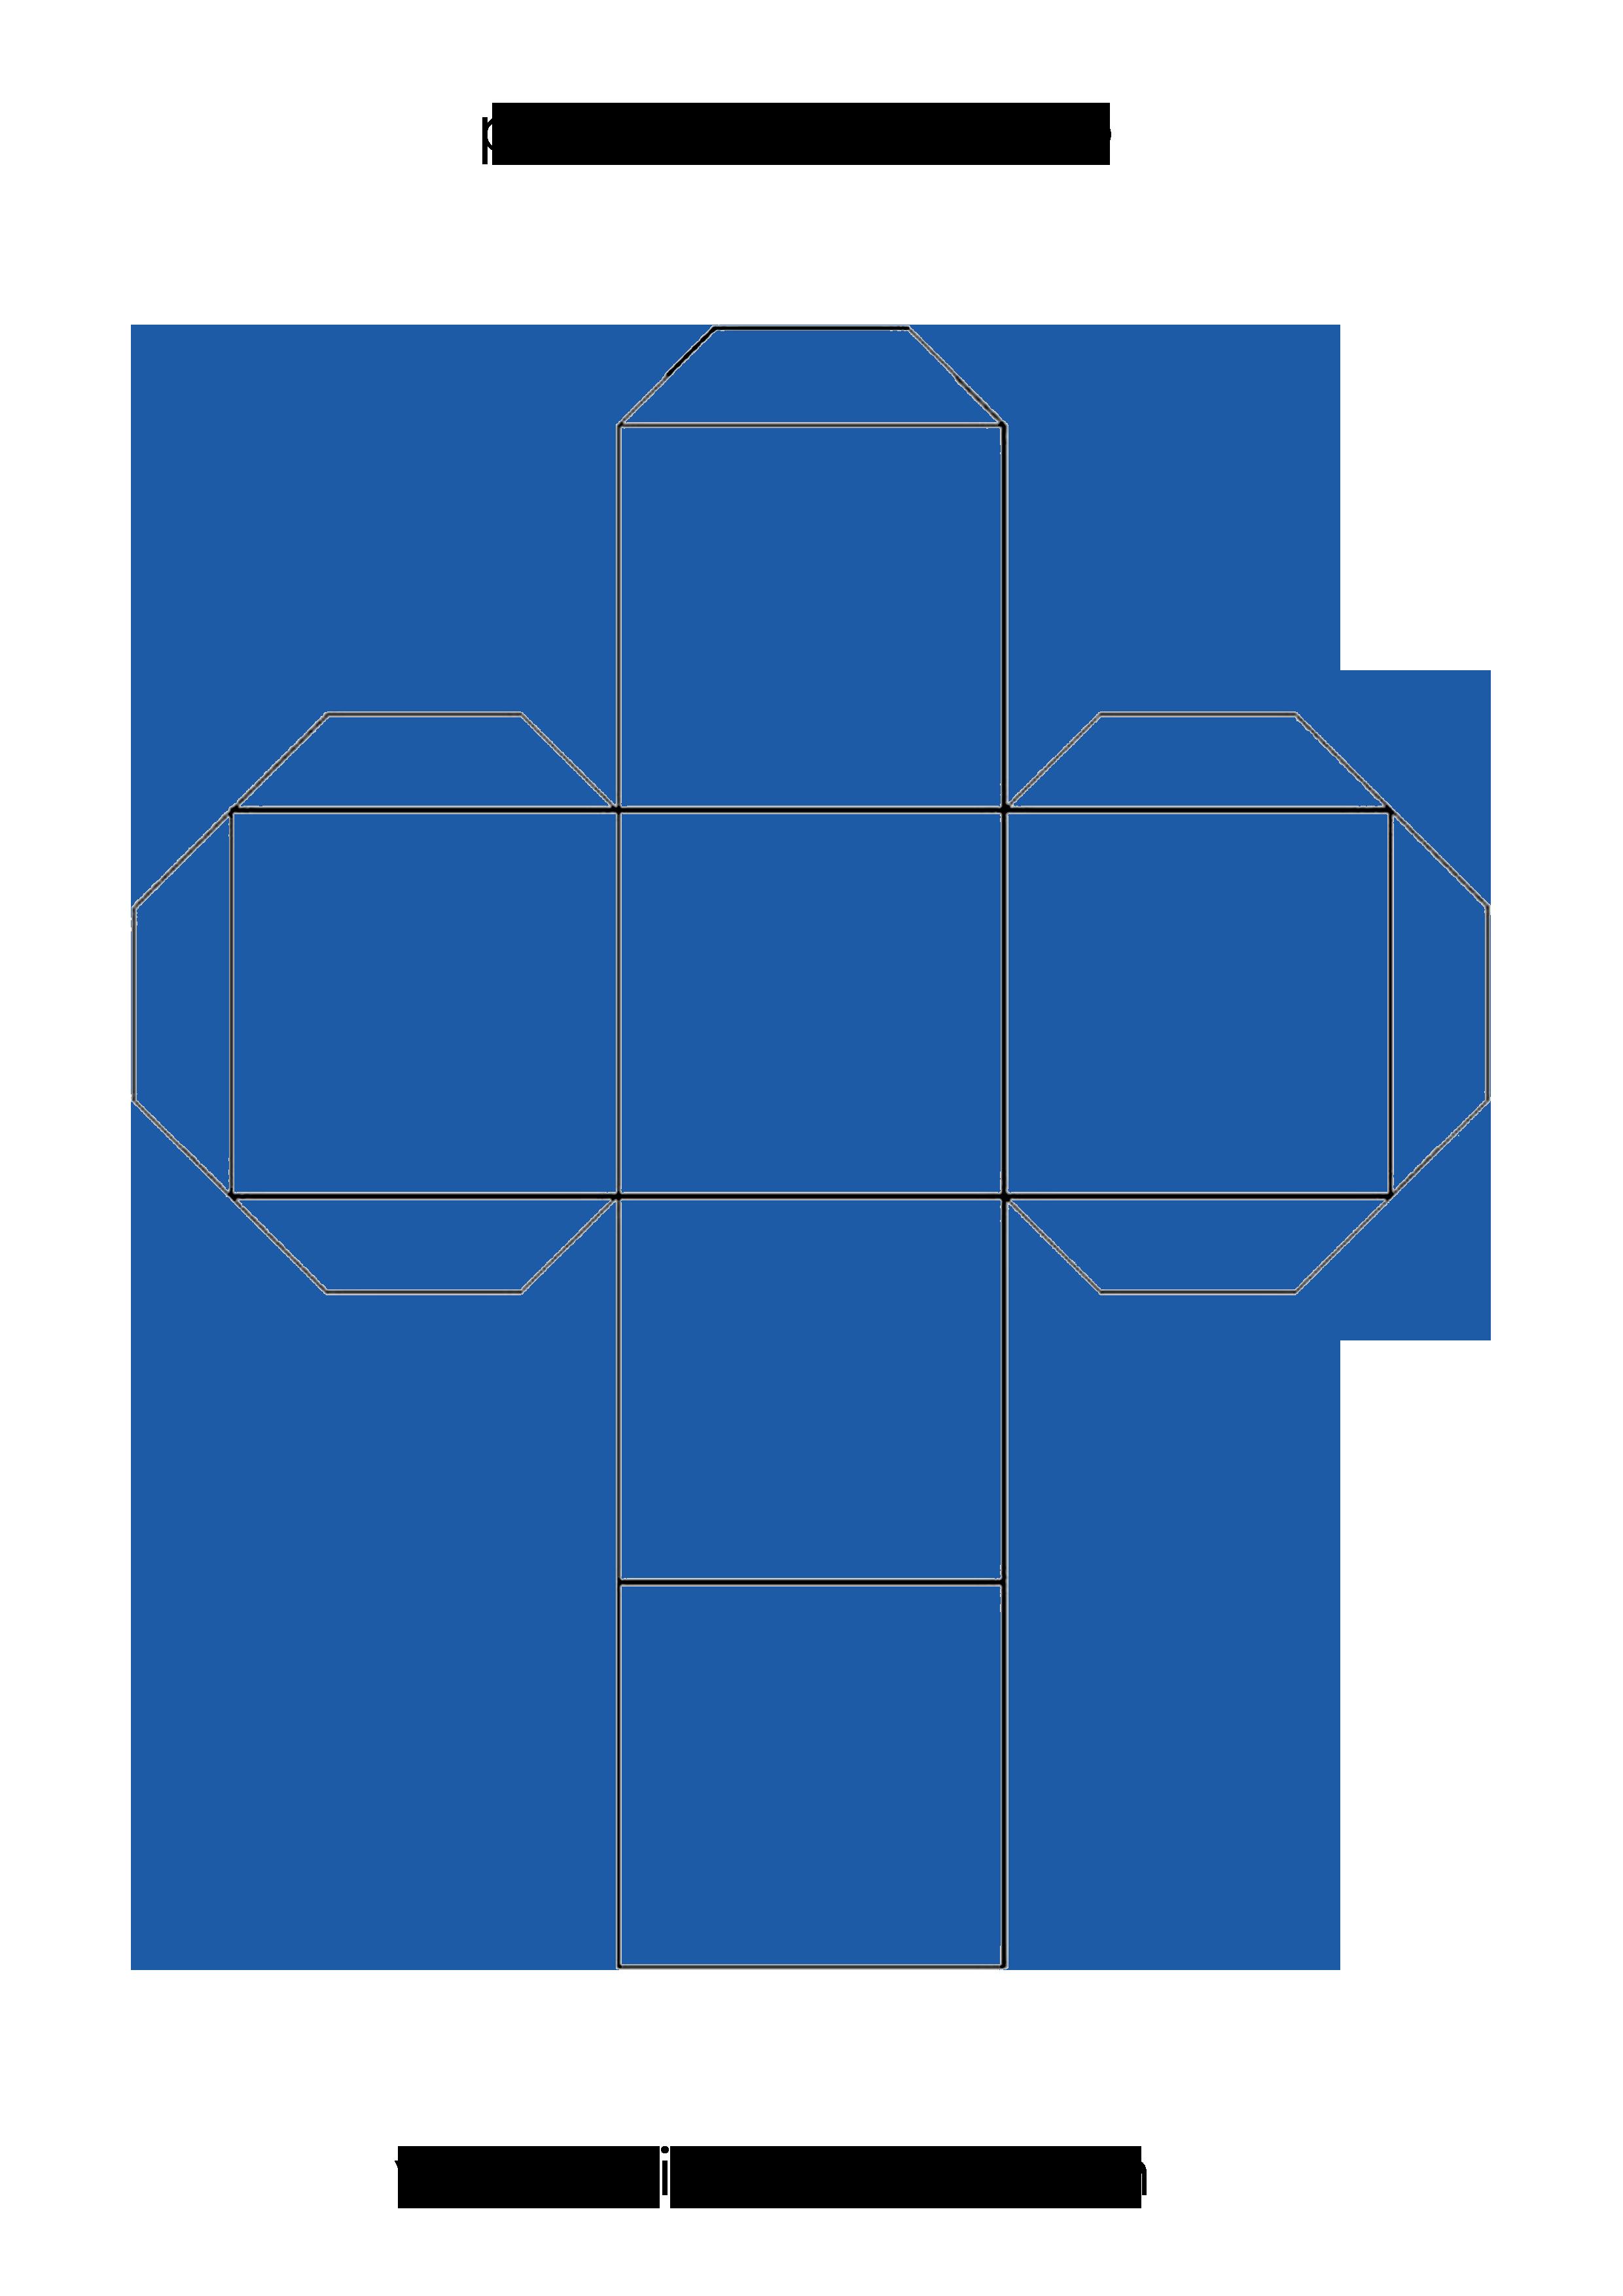 Plantilla Par Imprimir Y Crear Un Cubo En Papel O Cartulina Plantillas Cubo Templates Cube Molde De Cubo Cuerpos Geometricos Para Armar Como Hacer Un Cubo